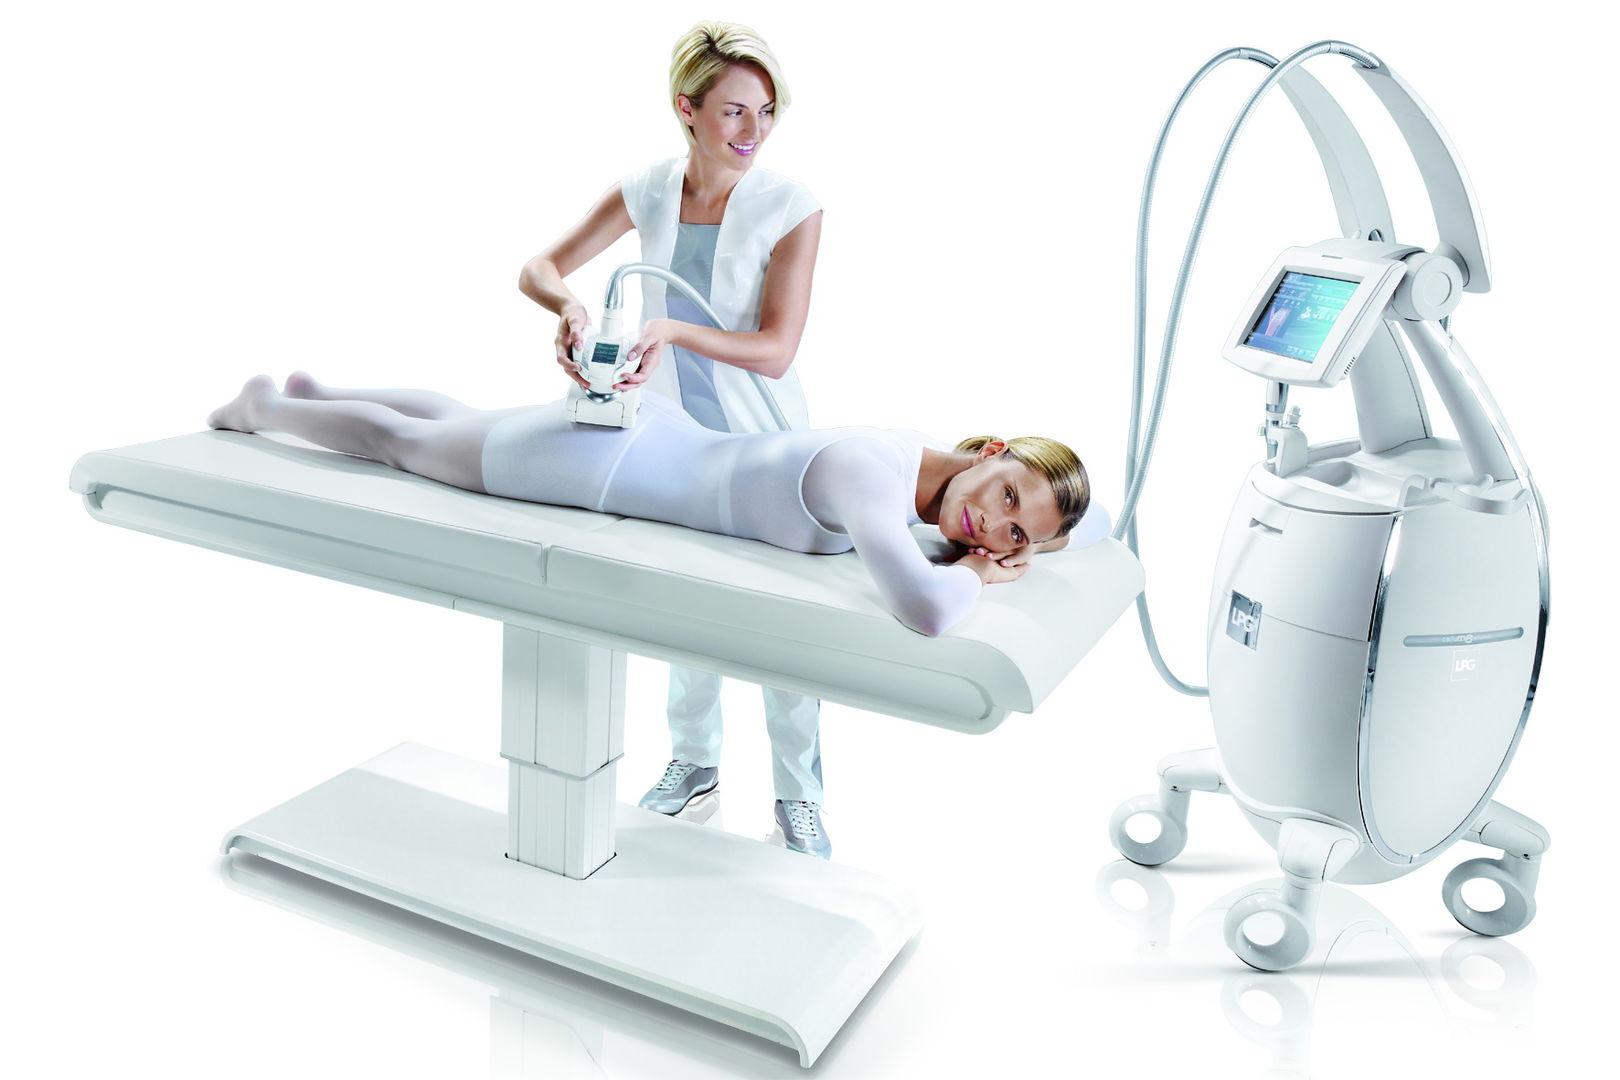 Массажер от целлюлита lpg массажеры для похудения боков